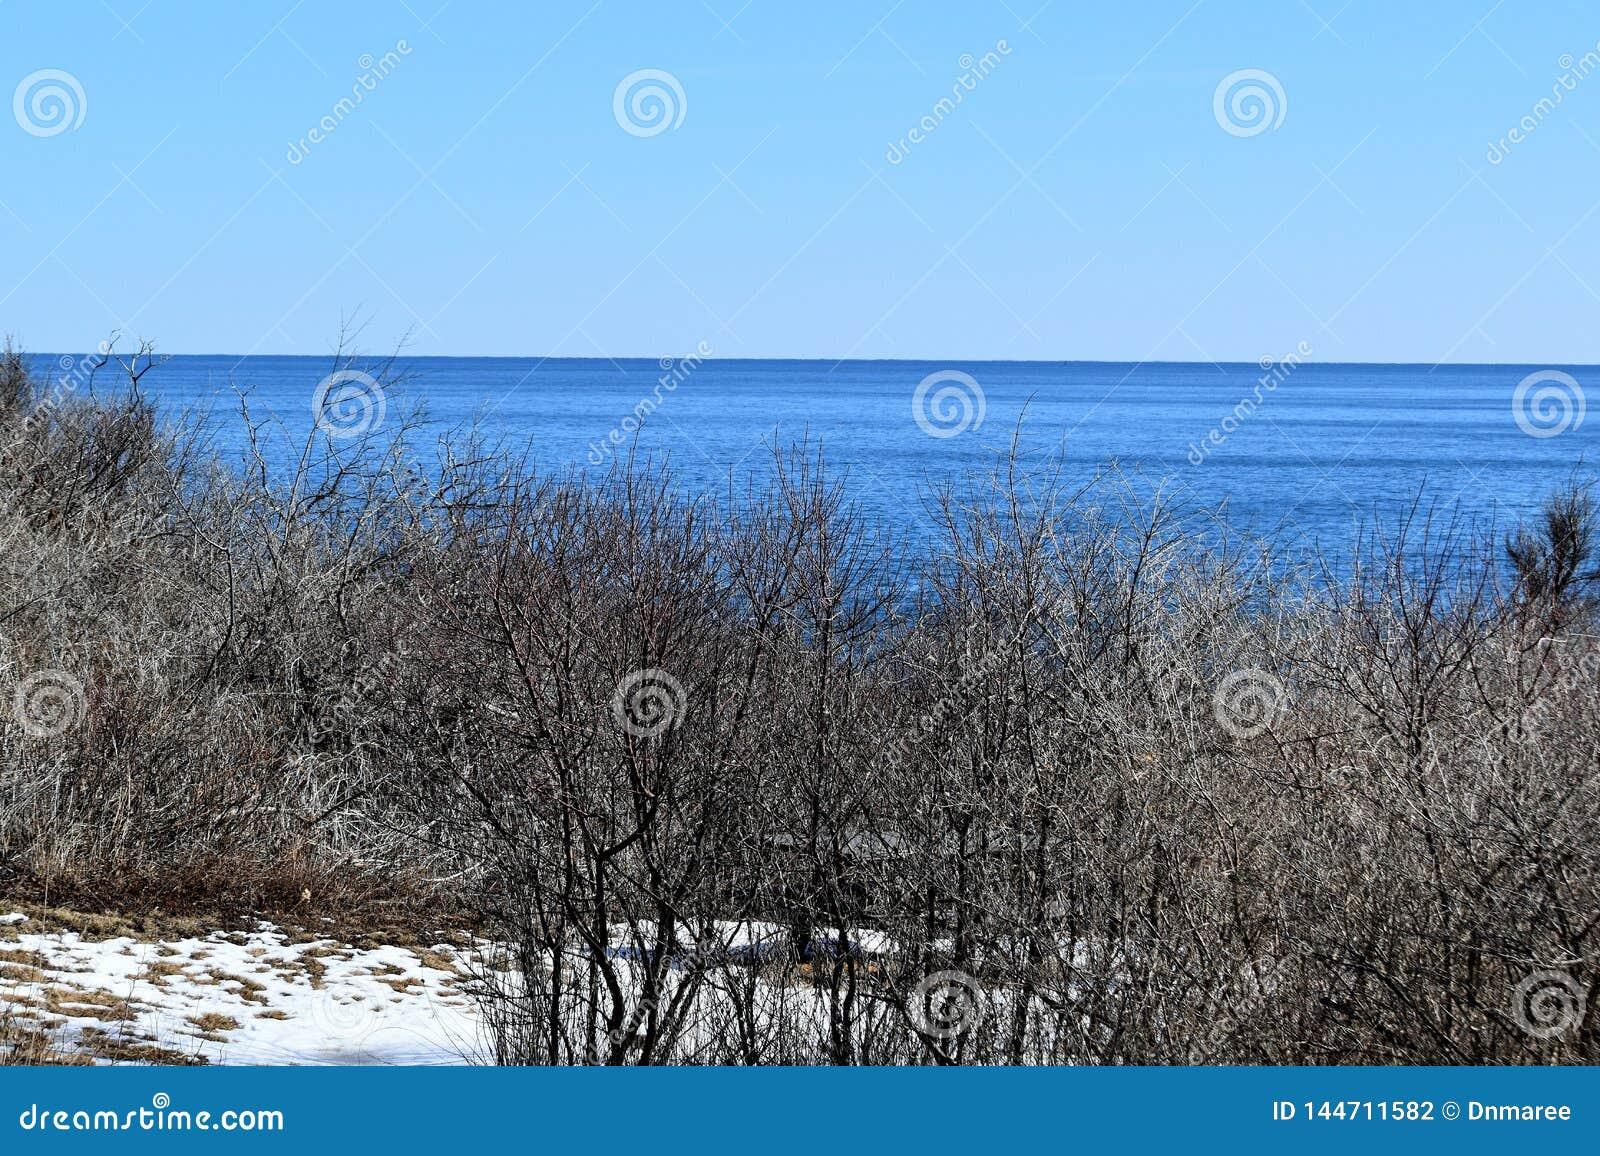 Parc d ?tat de deux lumi?res et vue d oc?an environnante sur le cap Elizabeth, le comt? de Cumberland, Maine, JE, Etats-Unis, USA